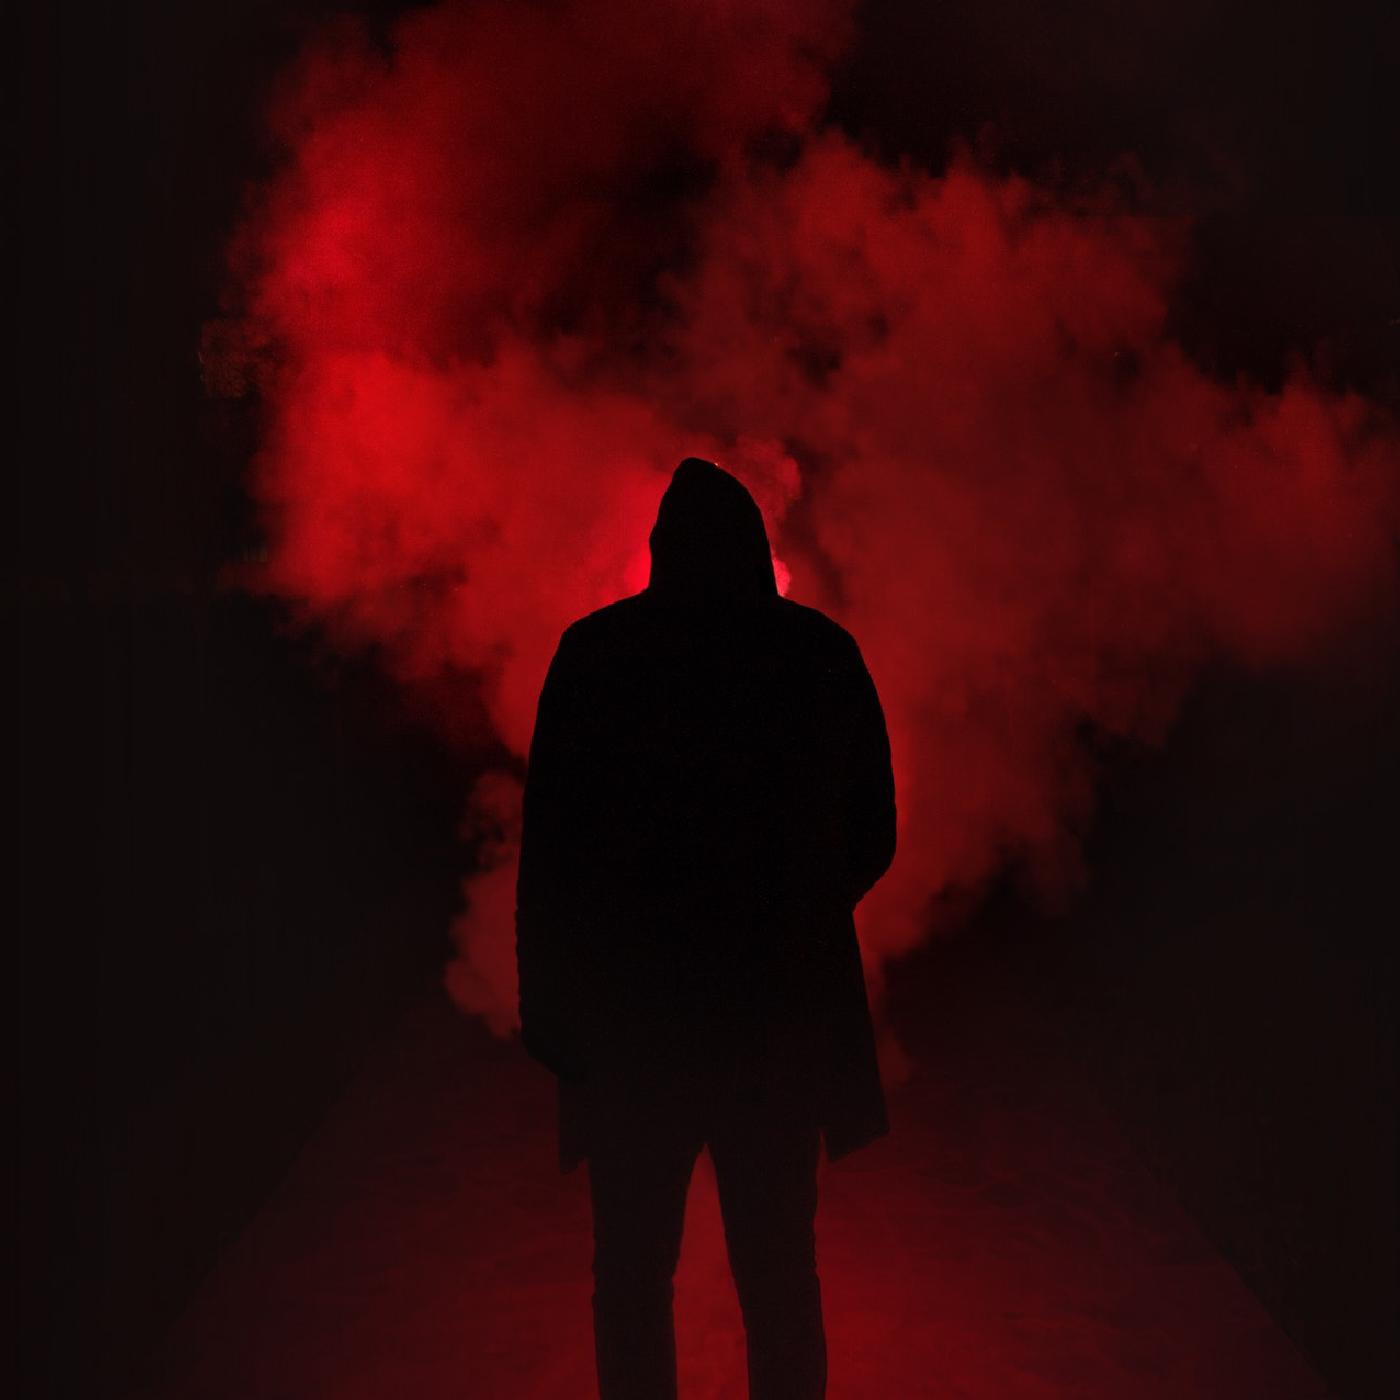 怪談故事-紅色